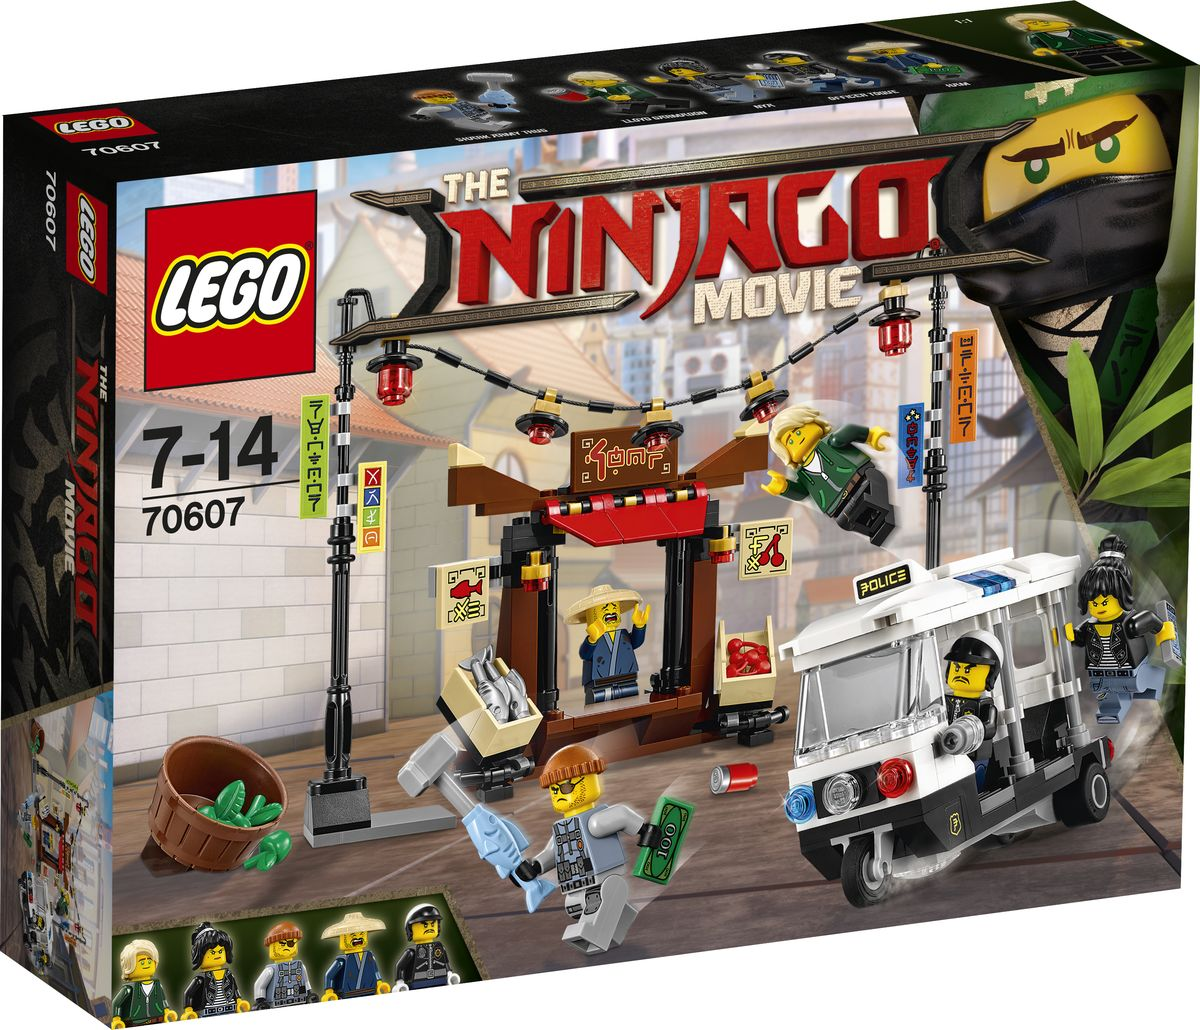 LEGO NINJAGO Конструктор Ограбление киоска в Нинидзяго Сити 70607 - Конструкторы